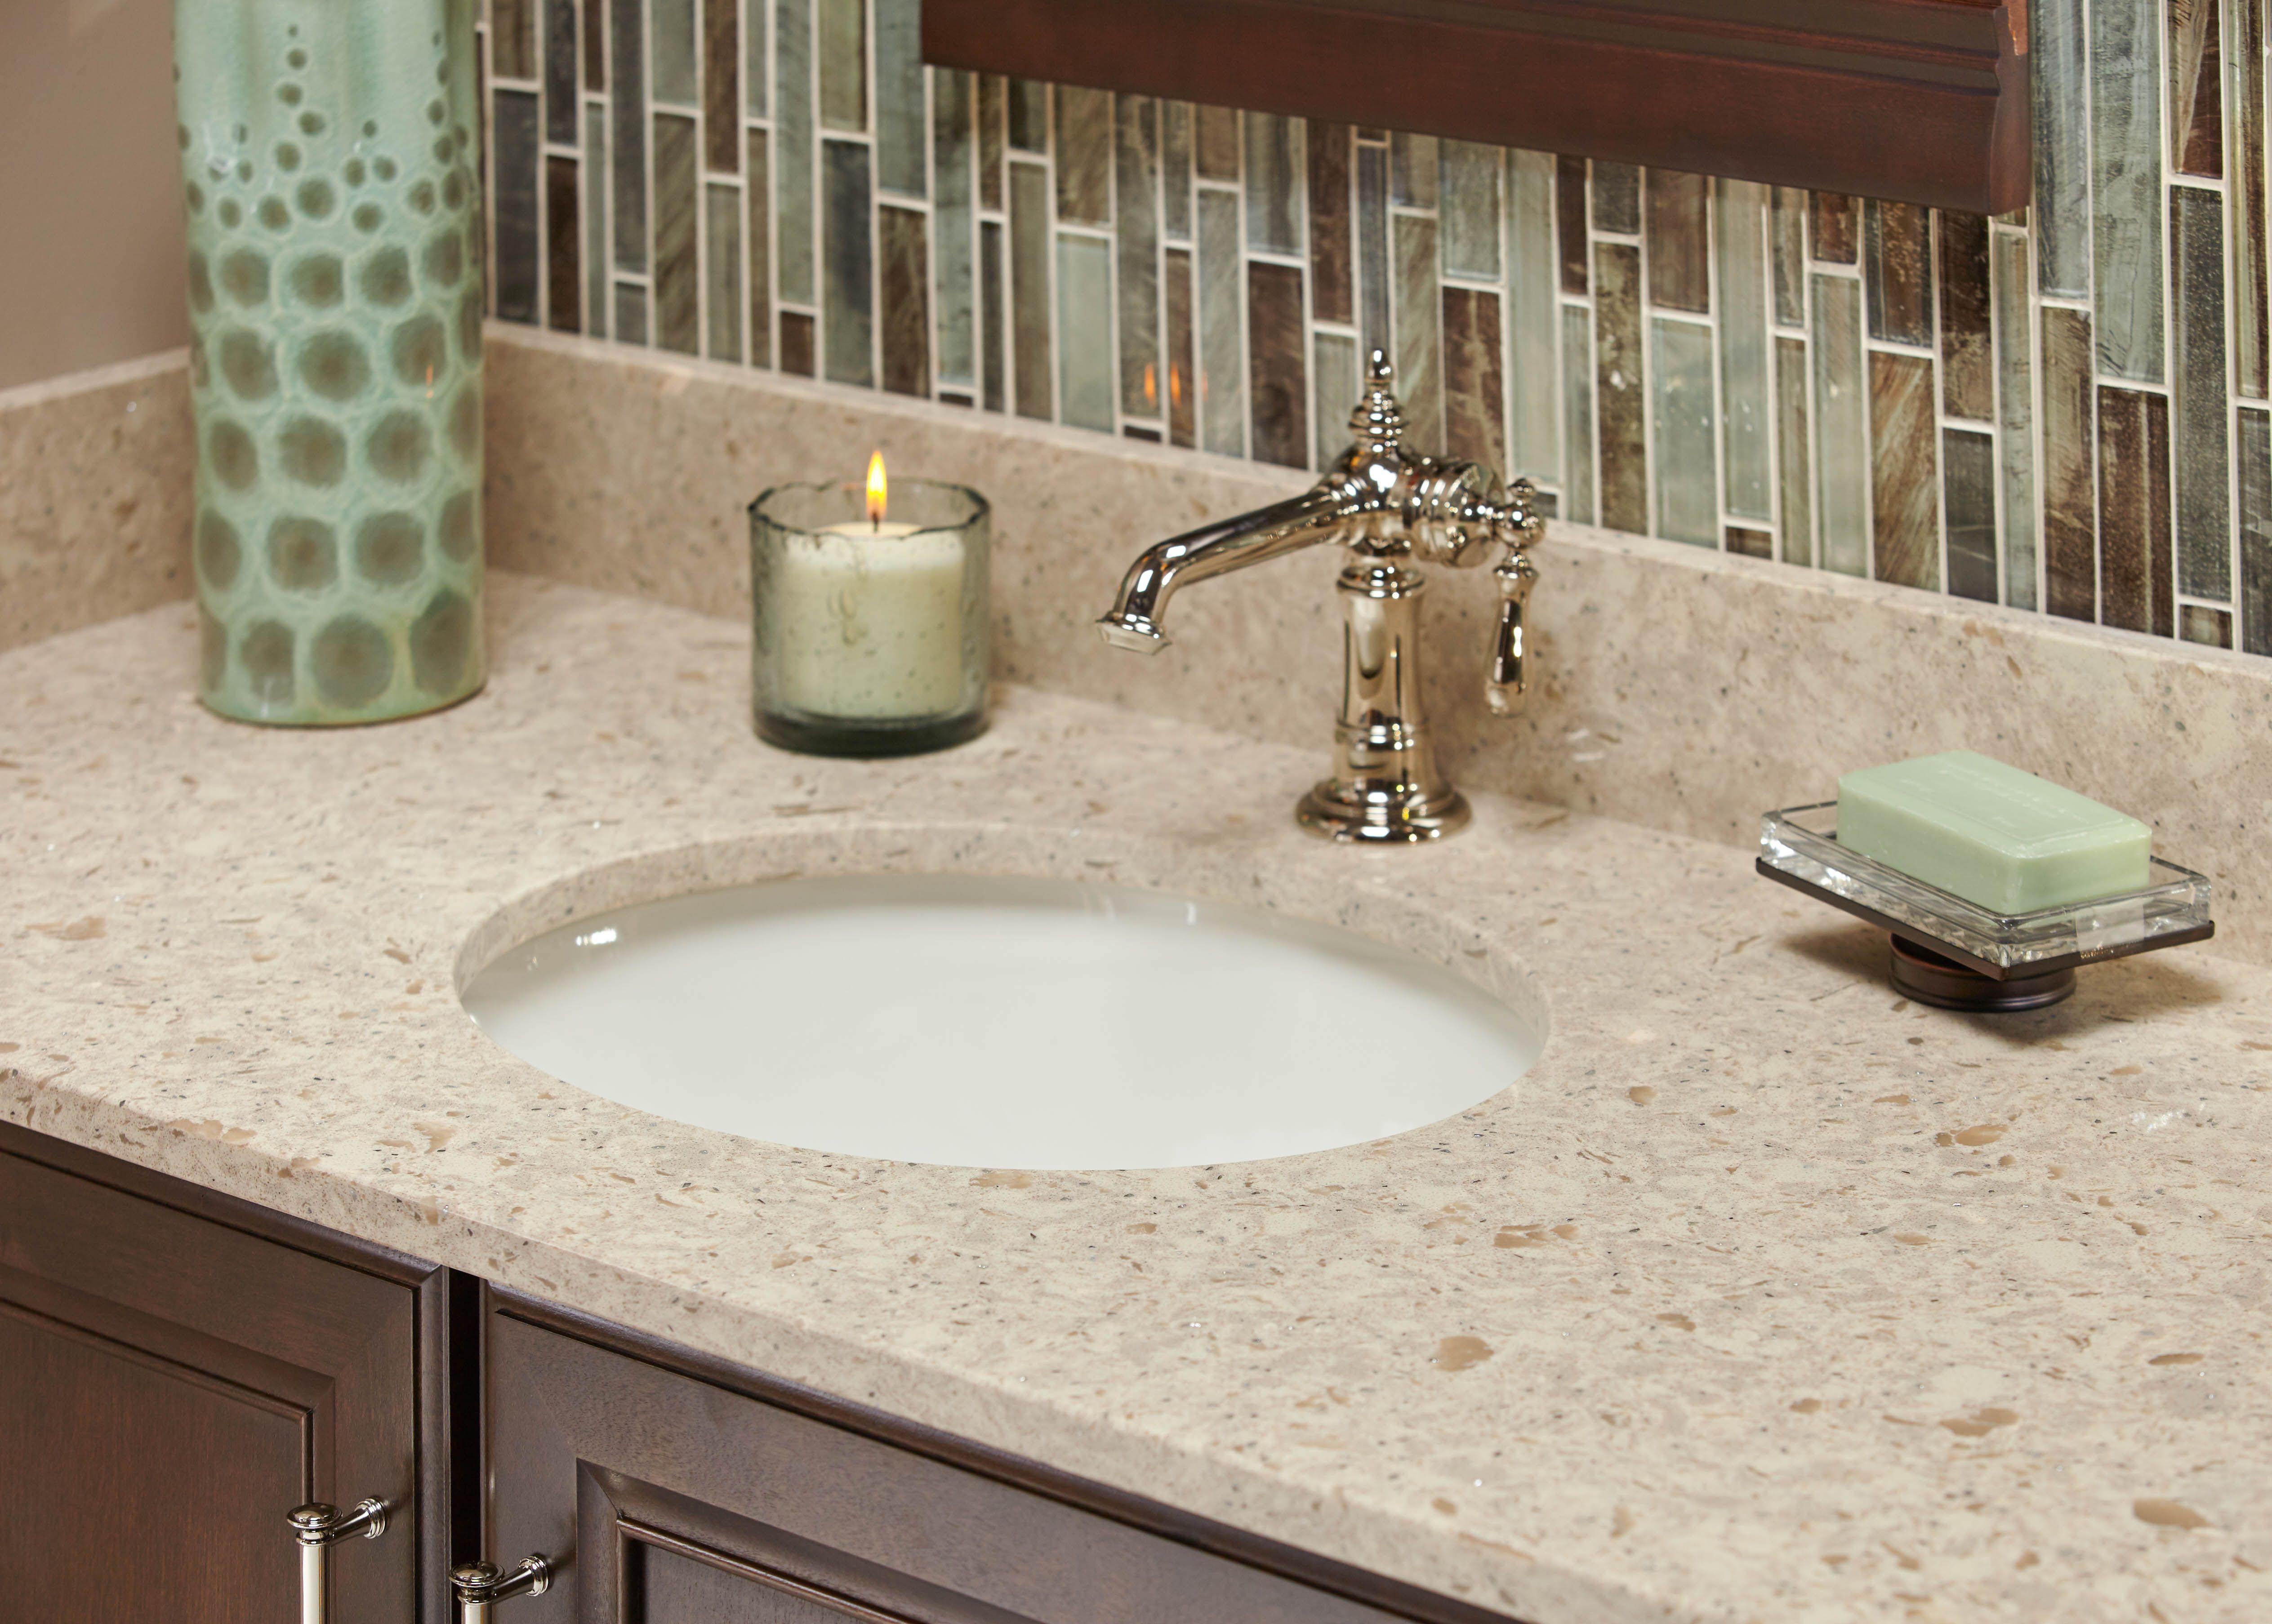 Pin By Vt Industries On Bathroom Vanities A Vant Vanity Surfaces